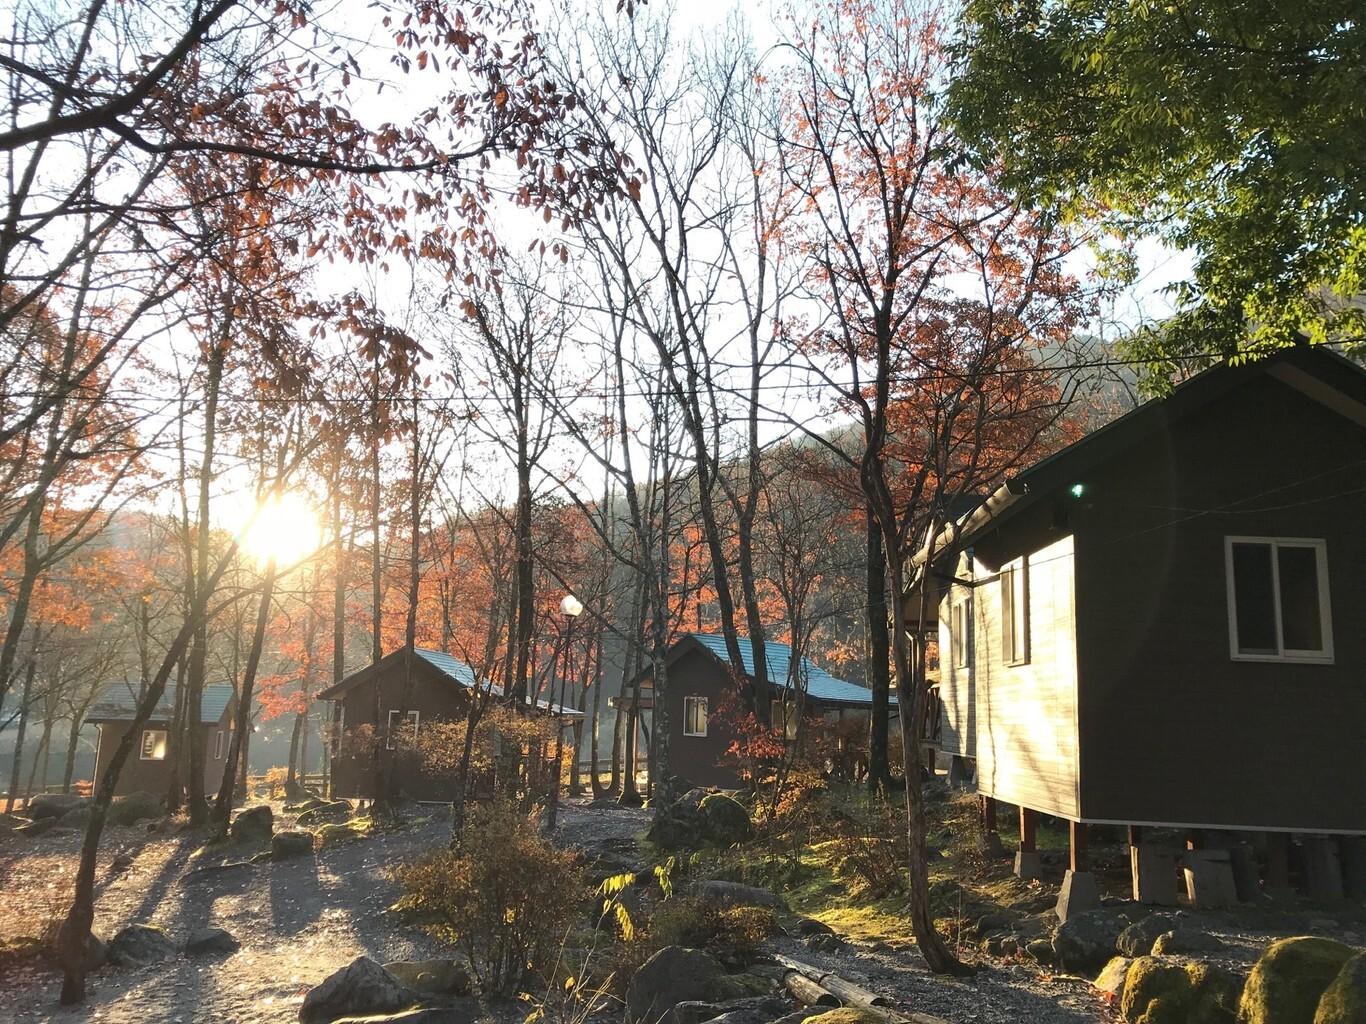 篠沢大滝キャンプ場 の公式写真c17807